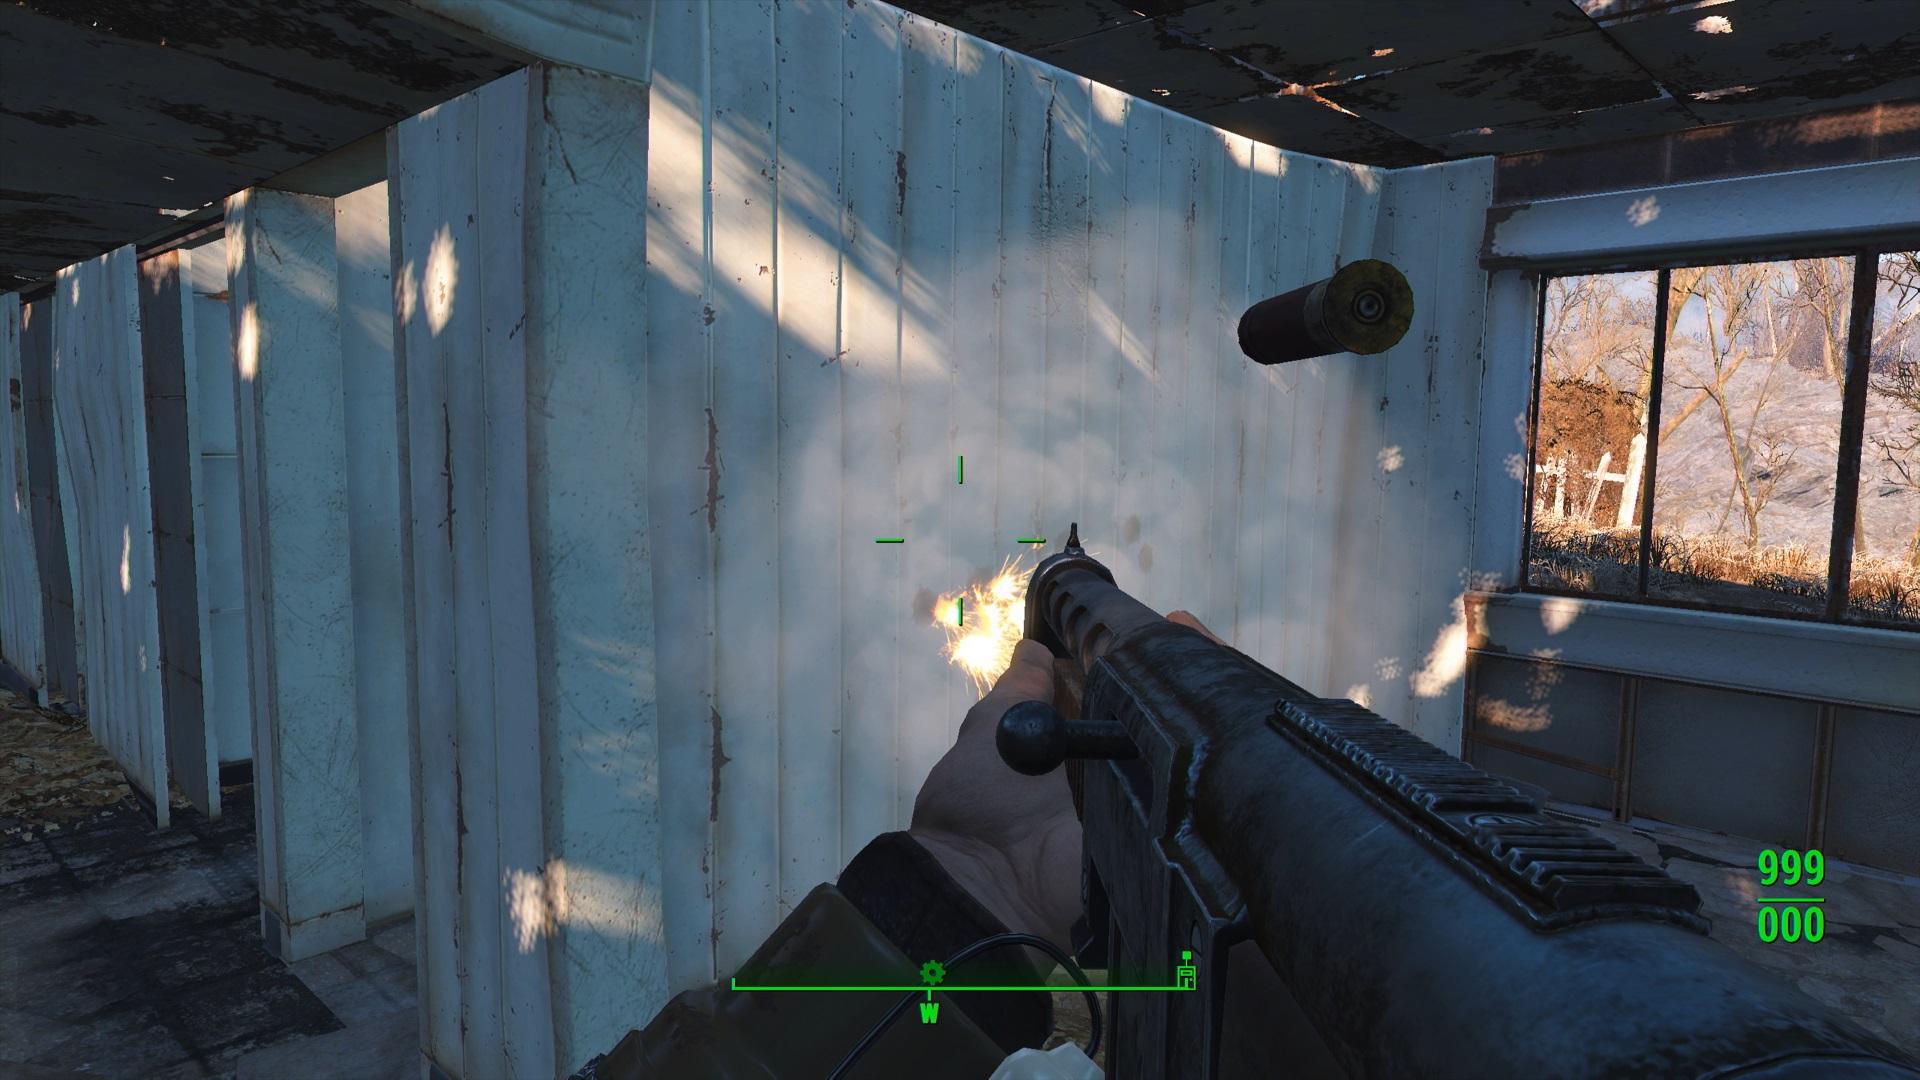 PS4,Fallout4]MOD紹介149 - ゲームの玉子様